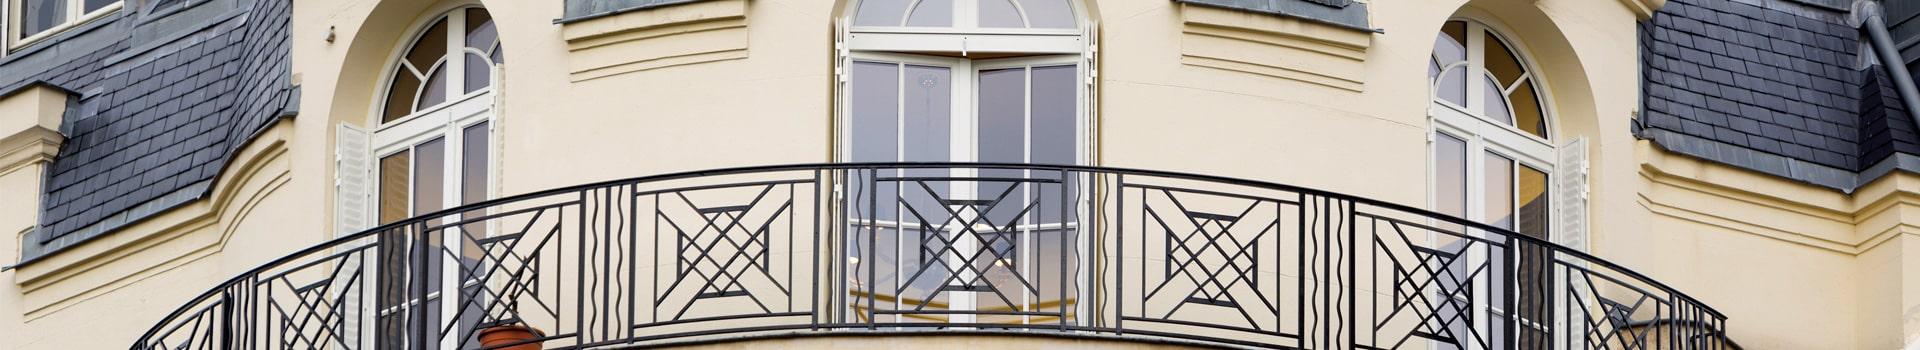 Porte Fenêtre sur balcon